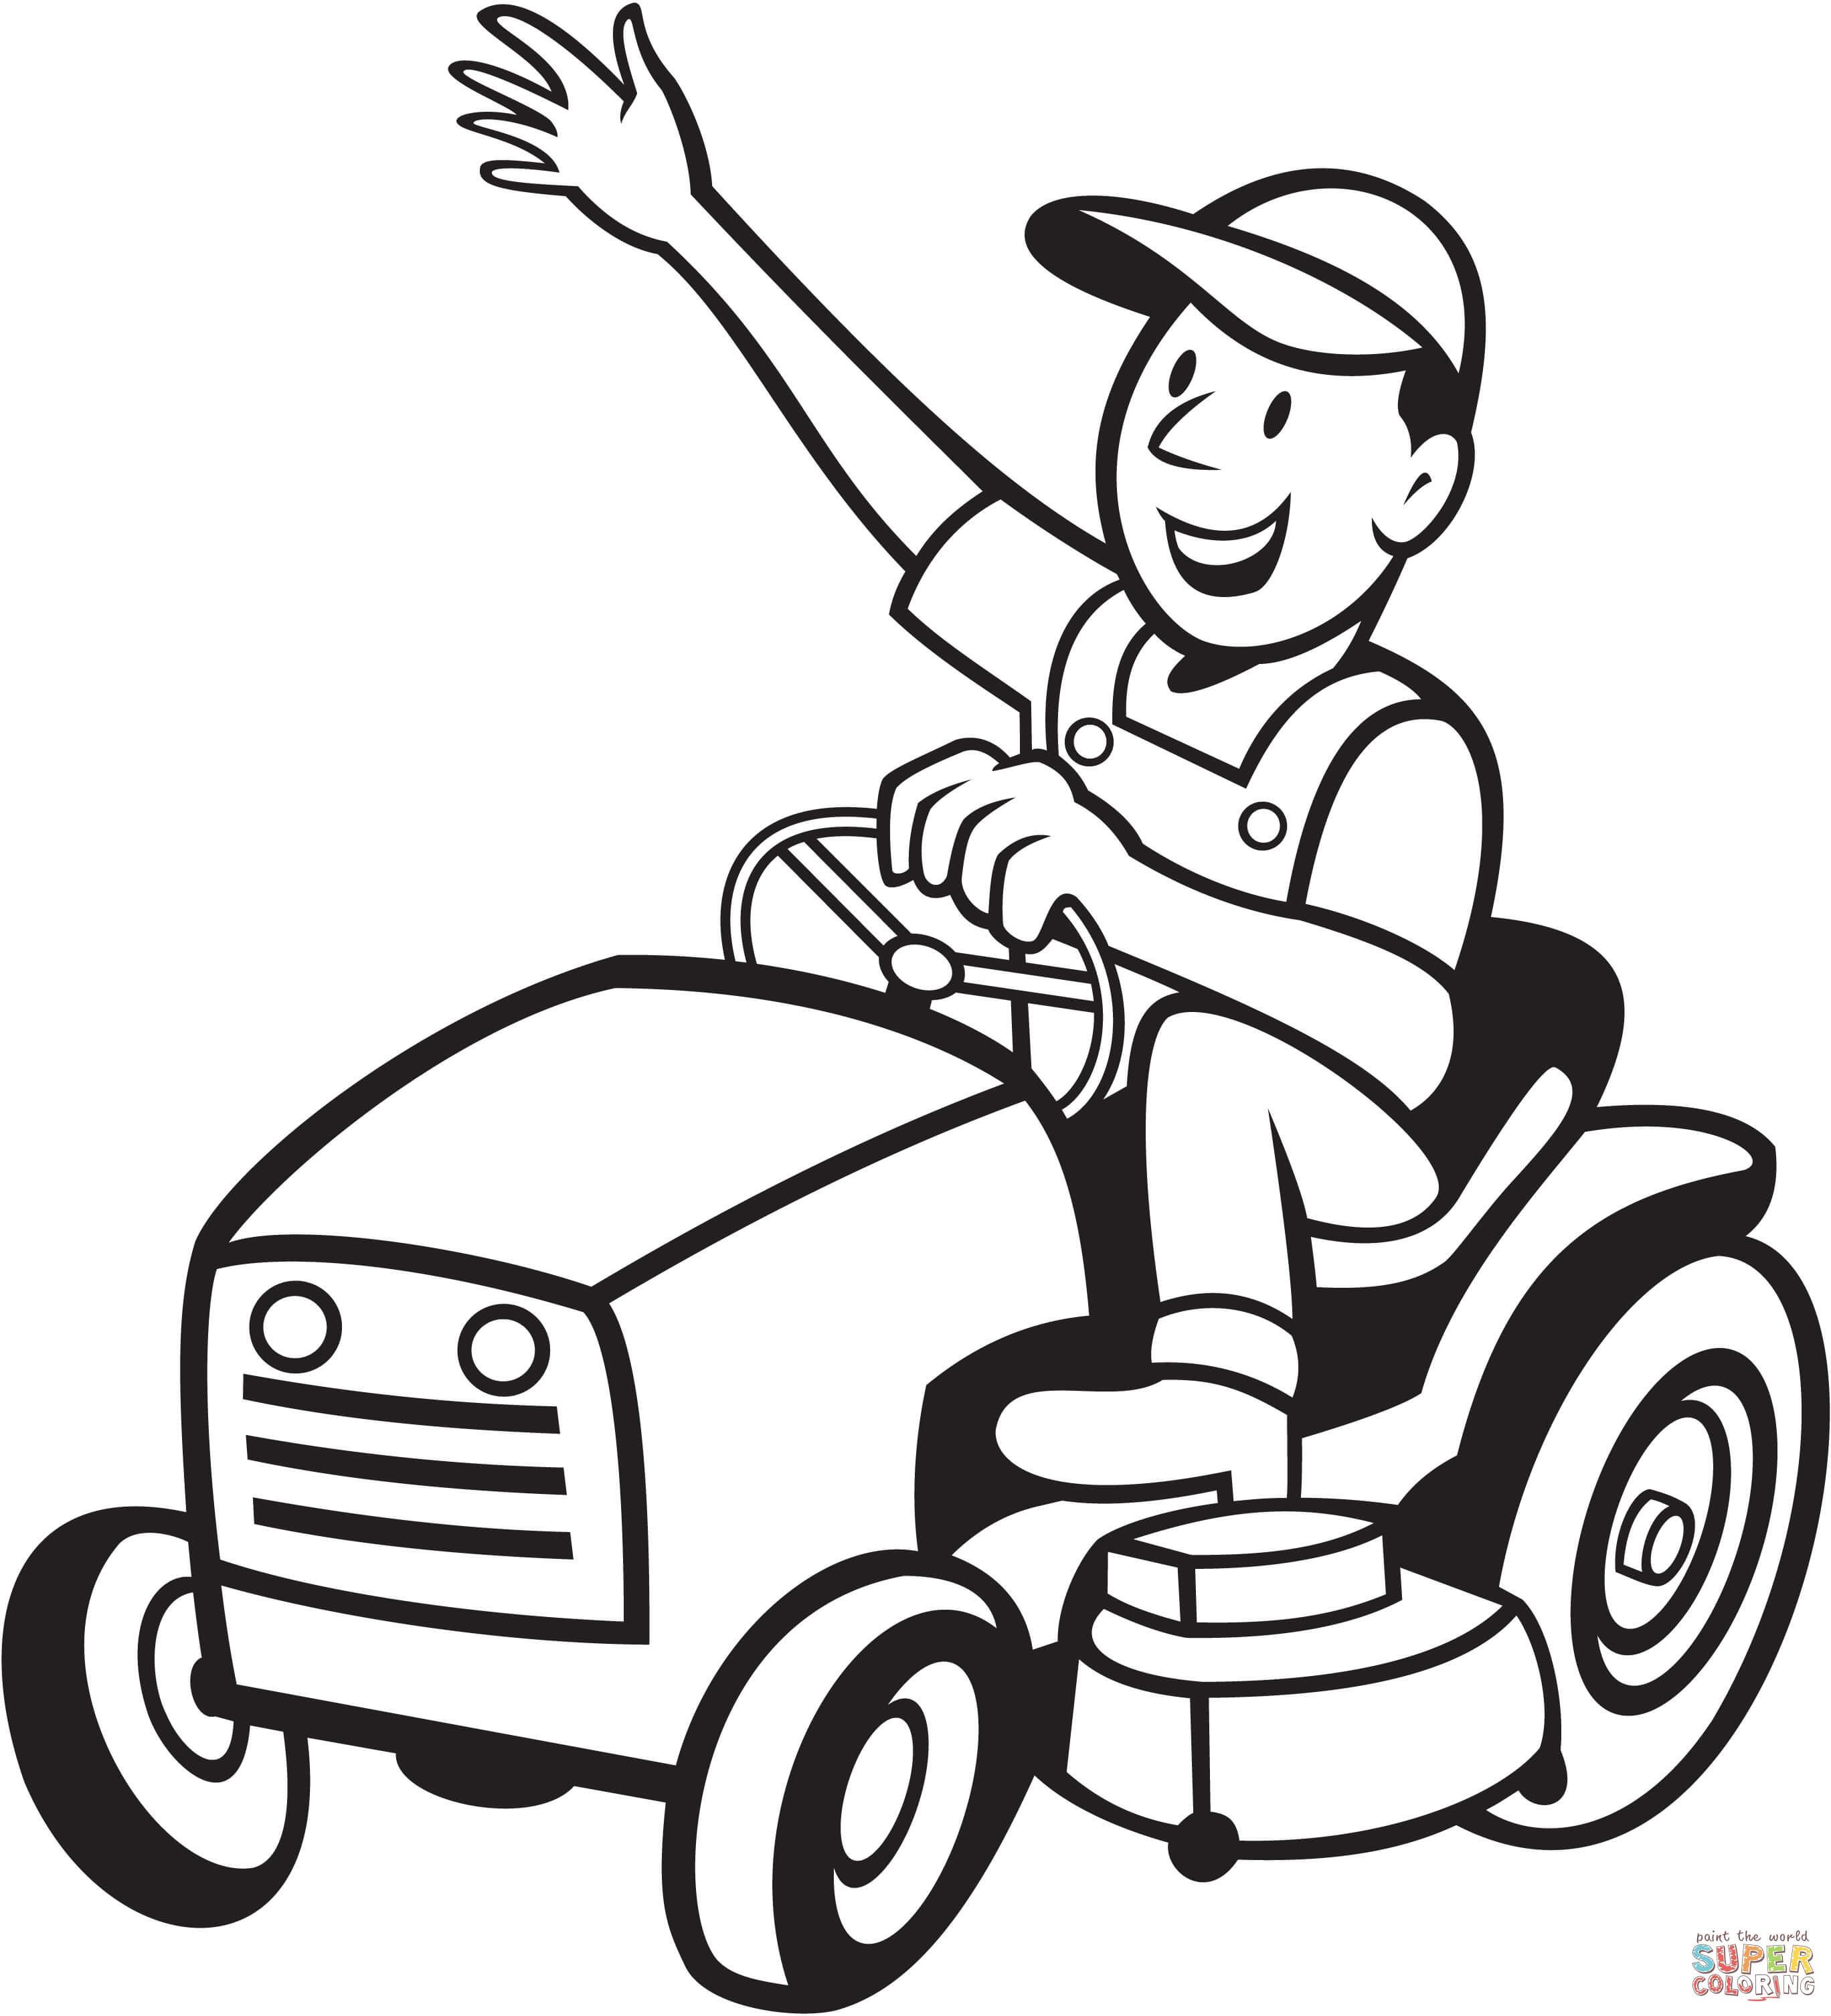 Ausmalbilder John Deere Genial Ausmalbild Bauer Fährt Einen Traktor Mäher Fotografieren